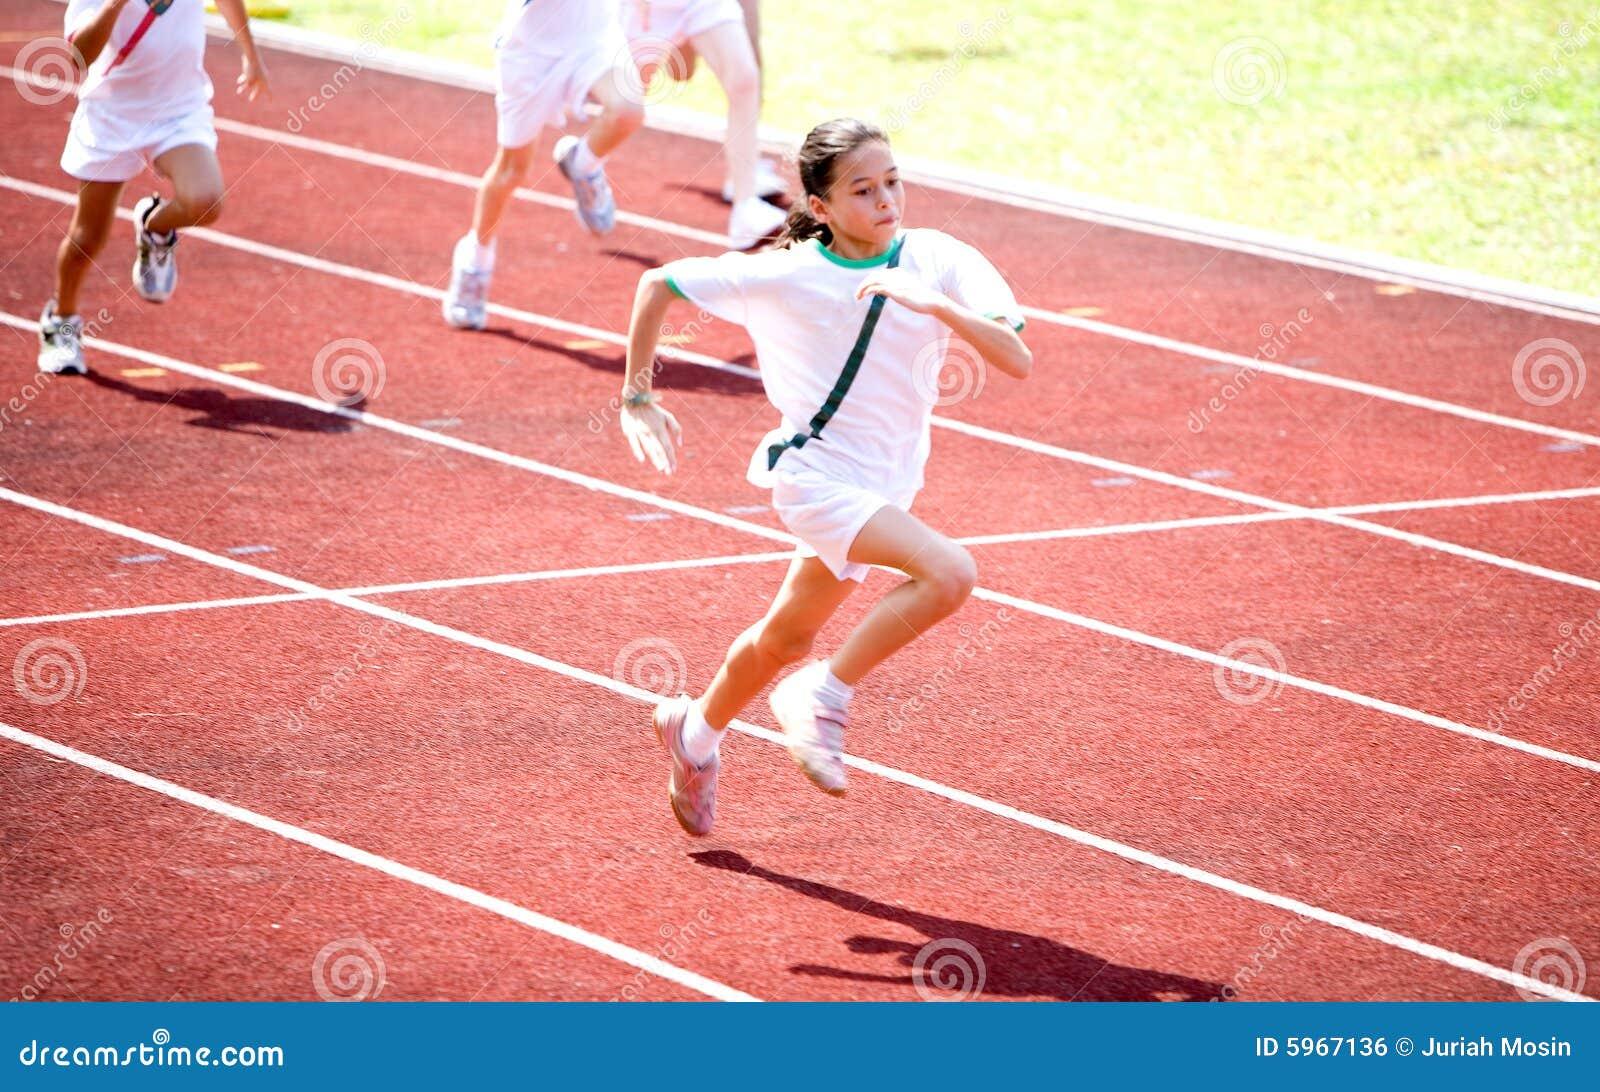 A menina sprints para a linha de revestimento.